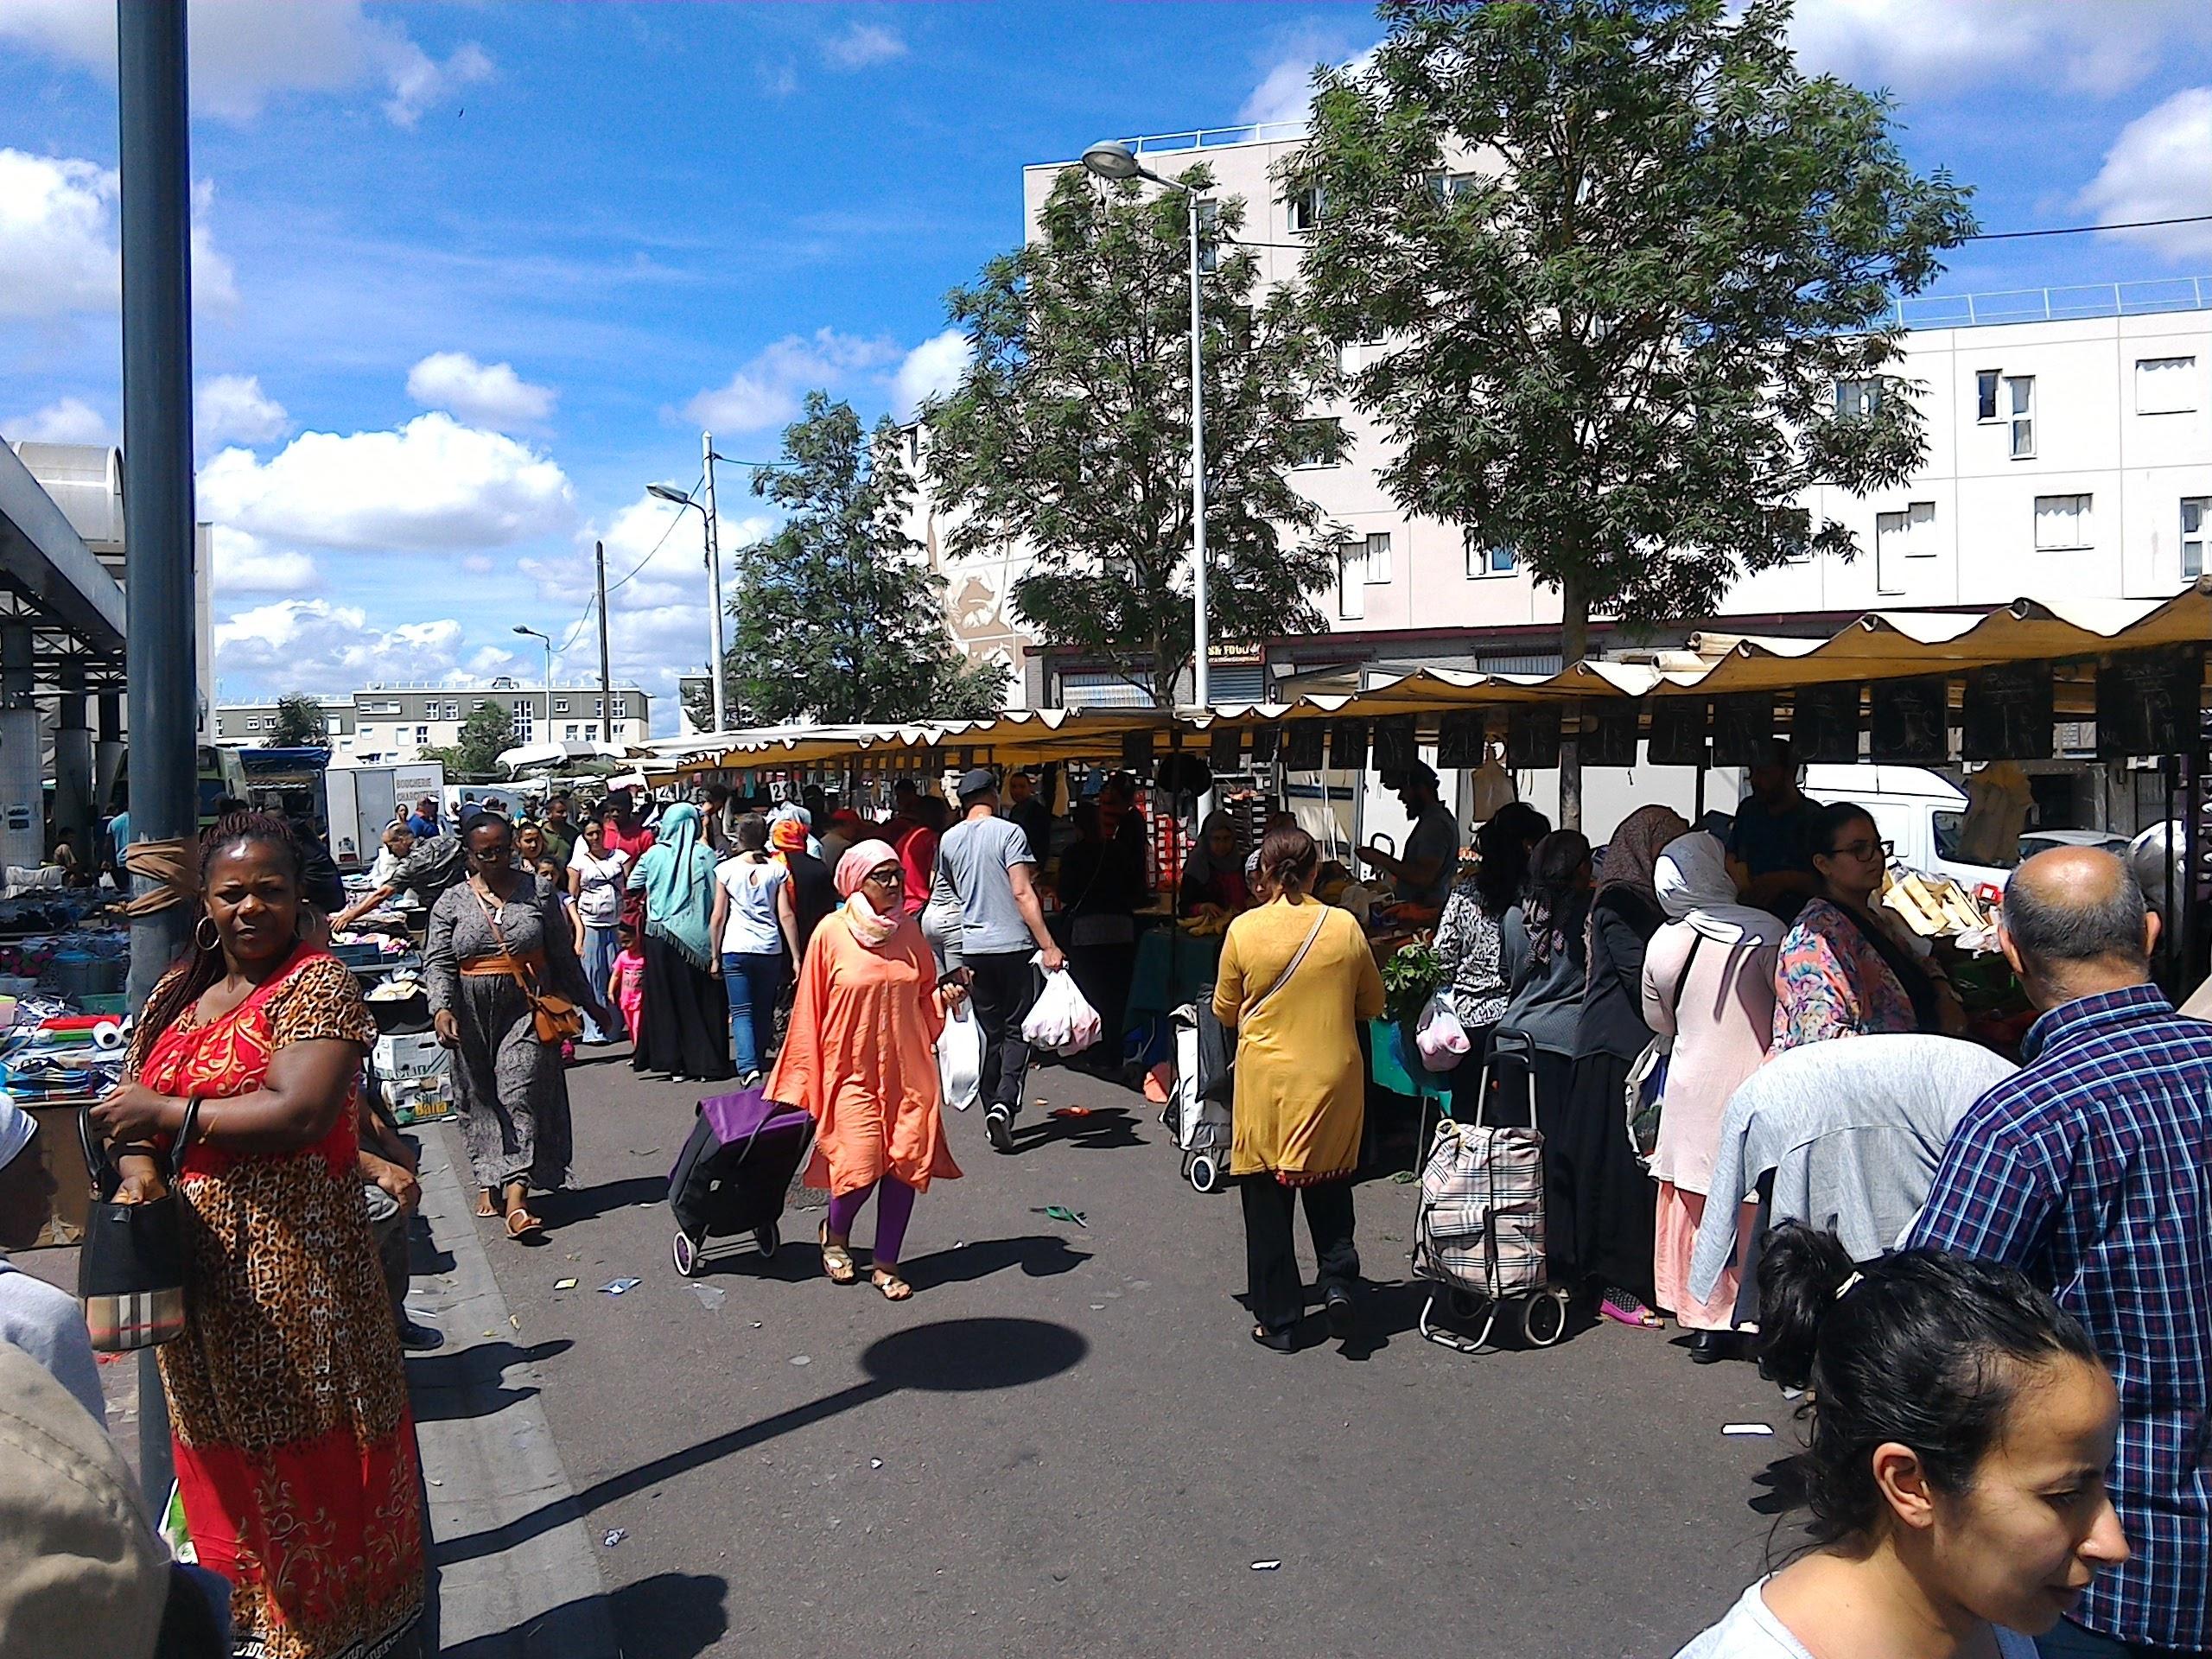 Le marché de Chanteloup-les-Vignes les mercredis et les samedis matin